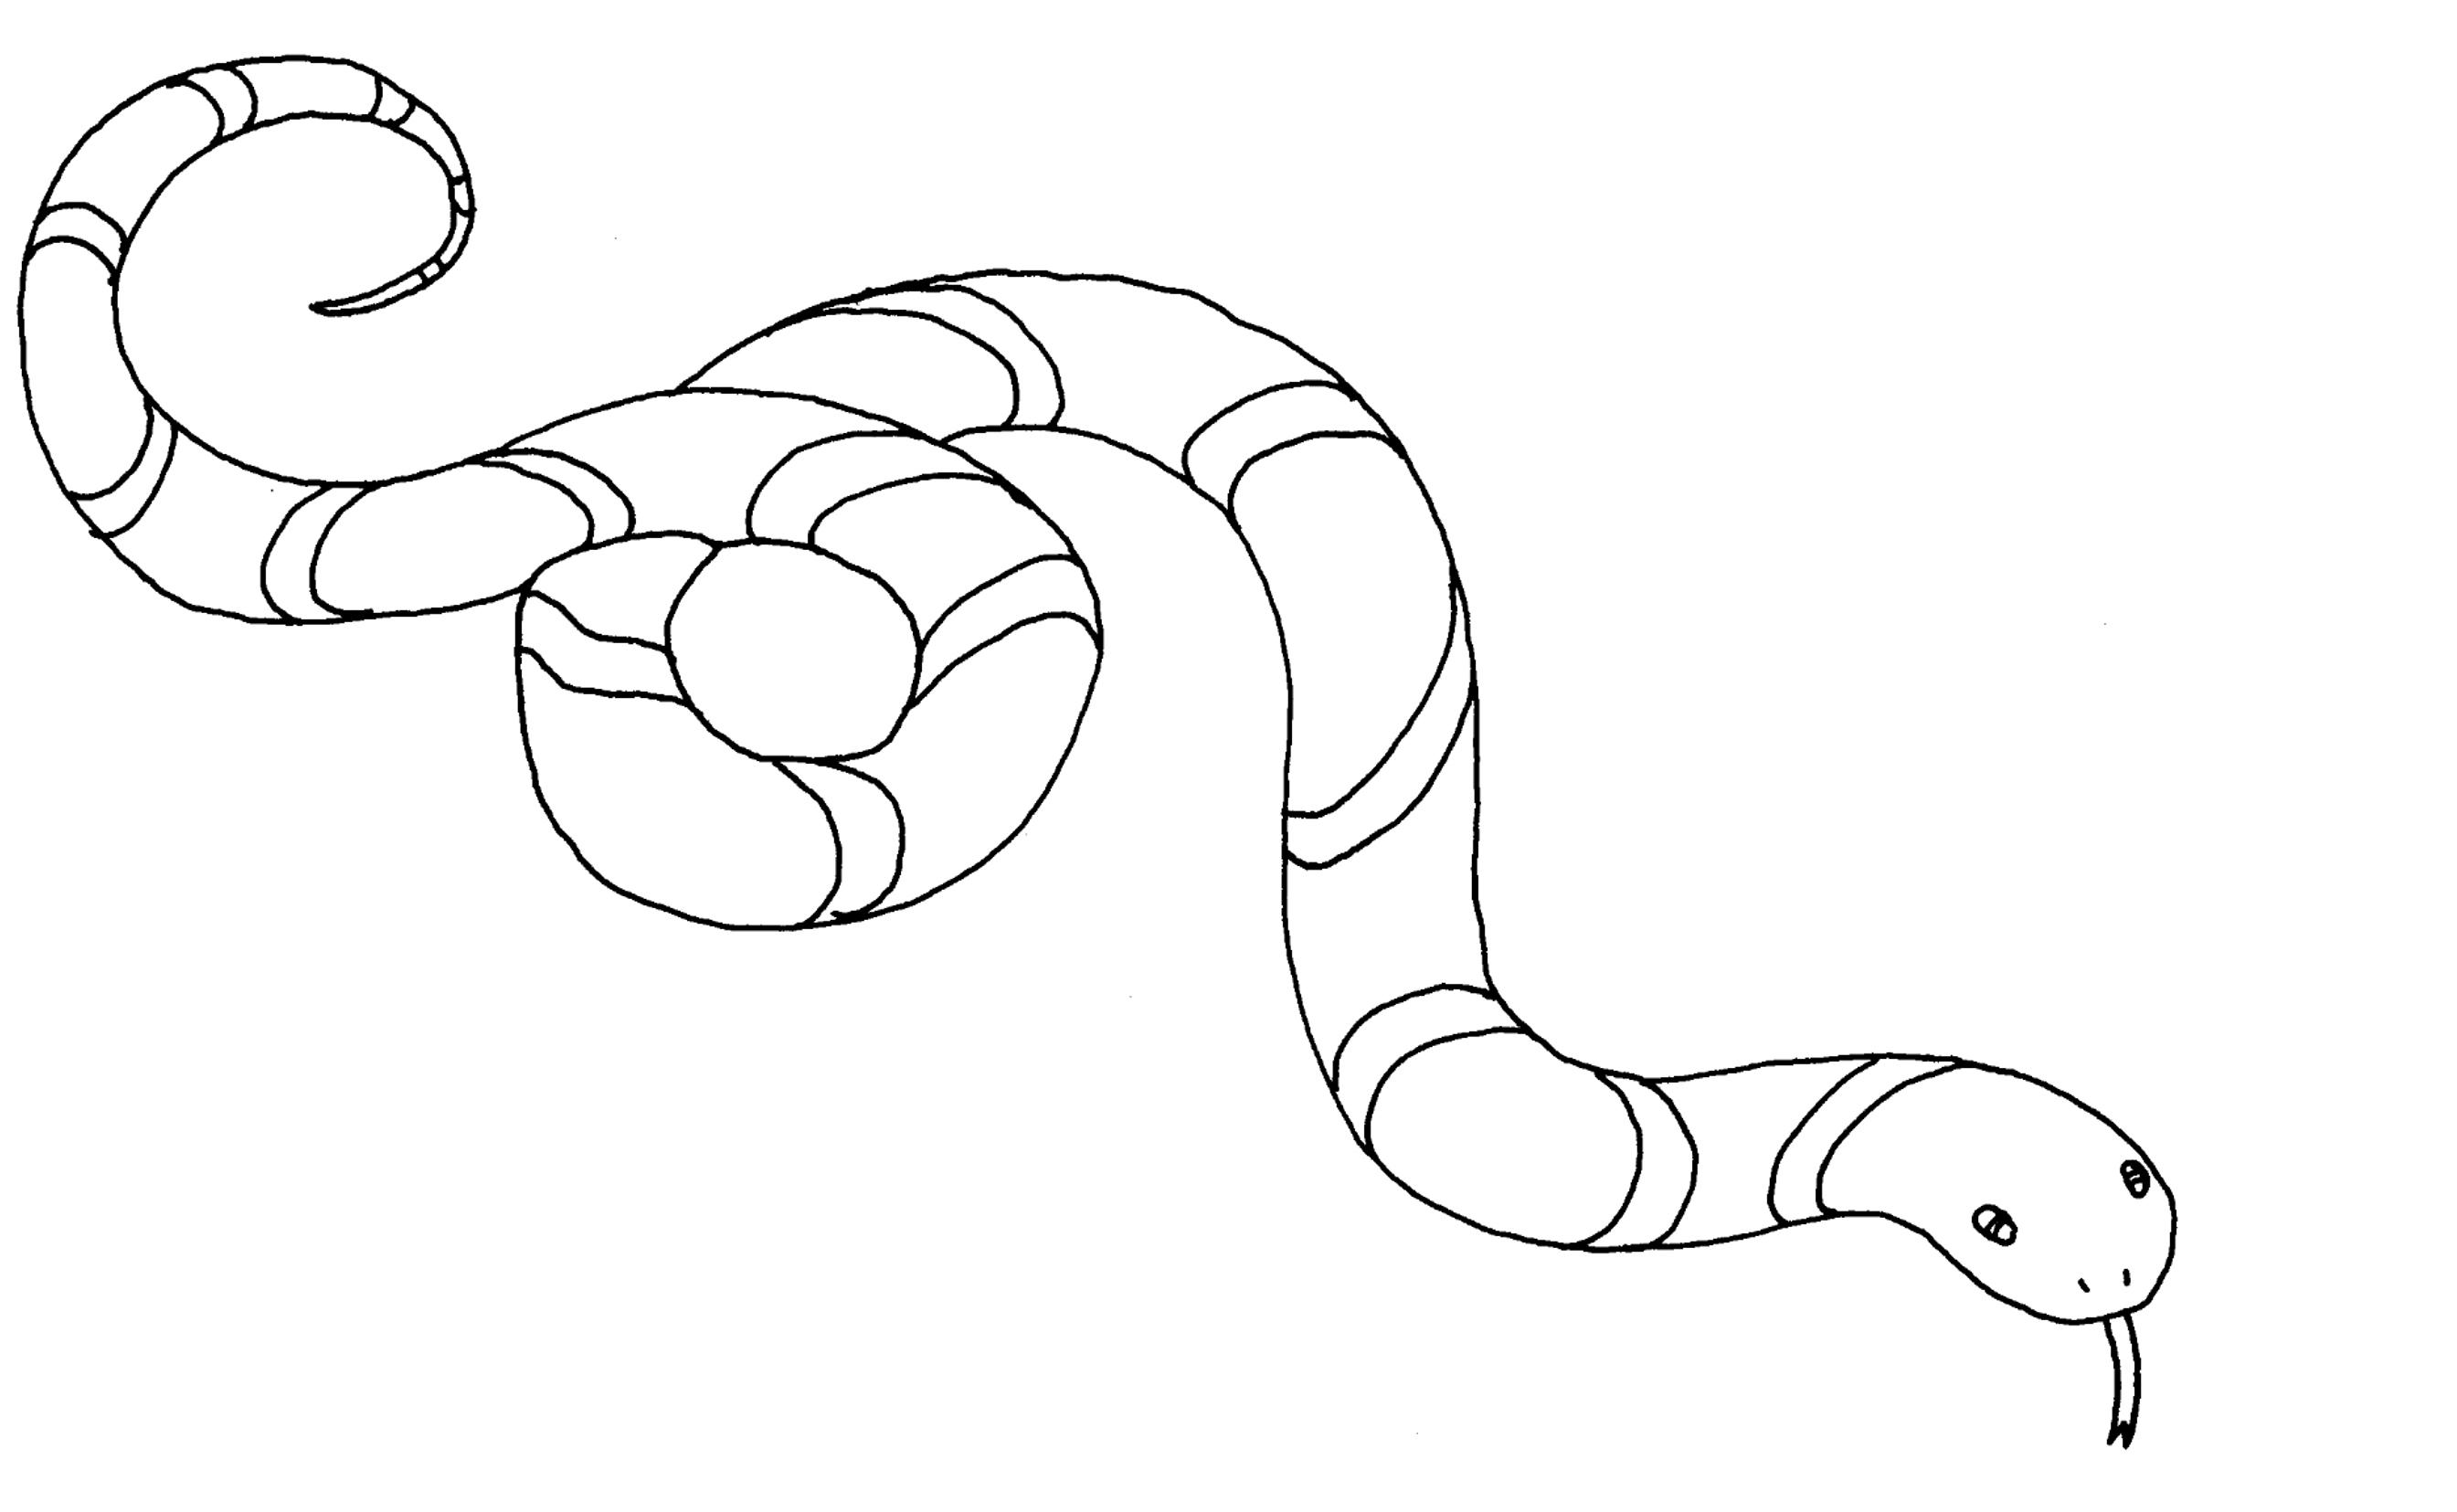 http://www.biblenfant.org/Moise/MOISE-serpent.jpg